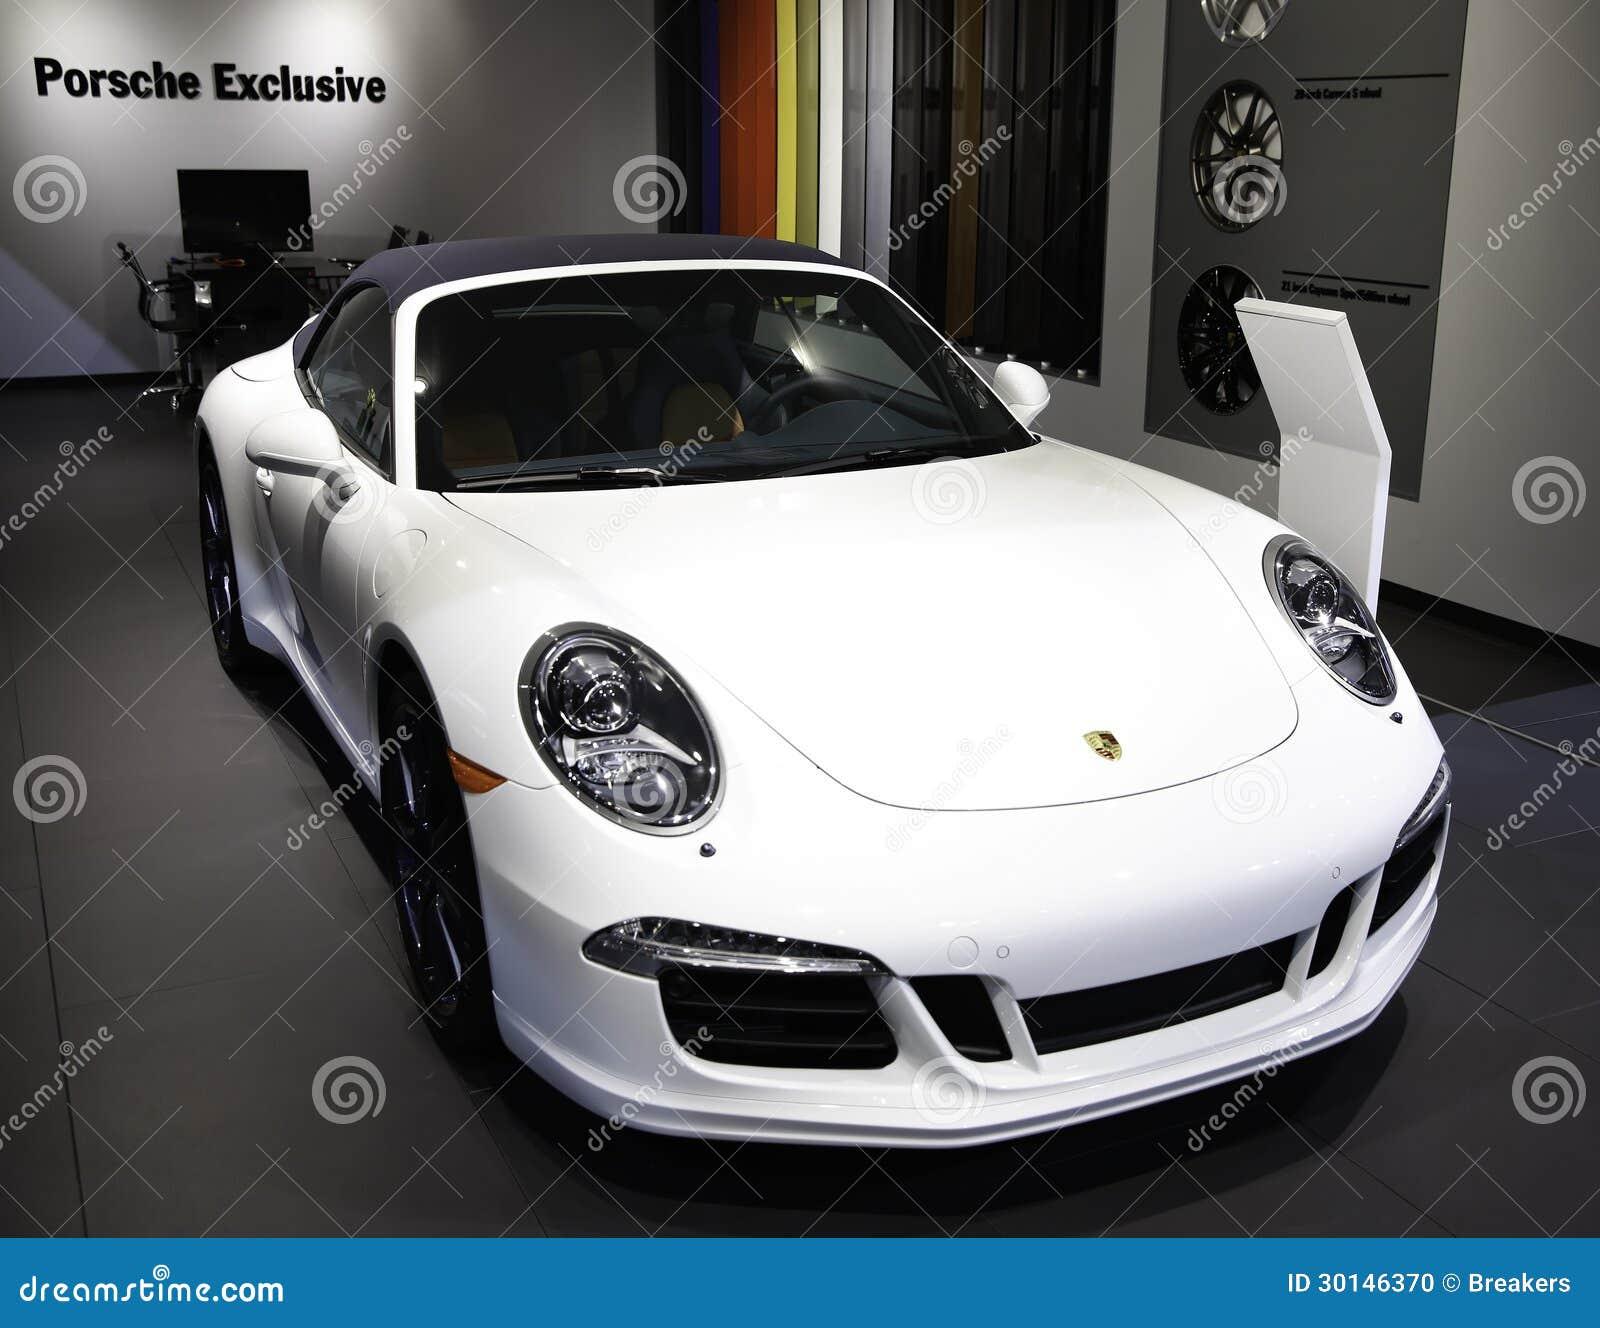 Porsche Car Show: Porsche Showcased At The New York Auto Show Editorial